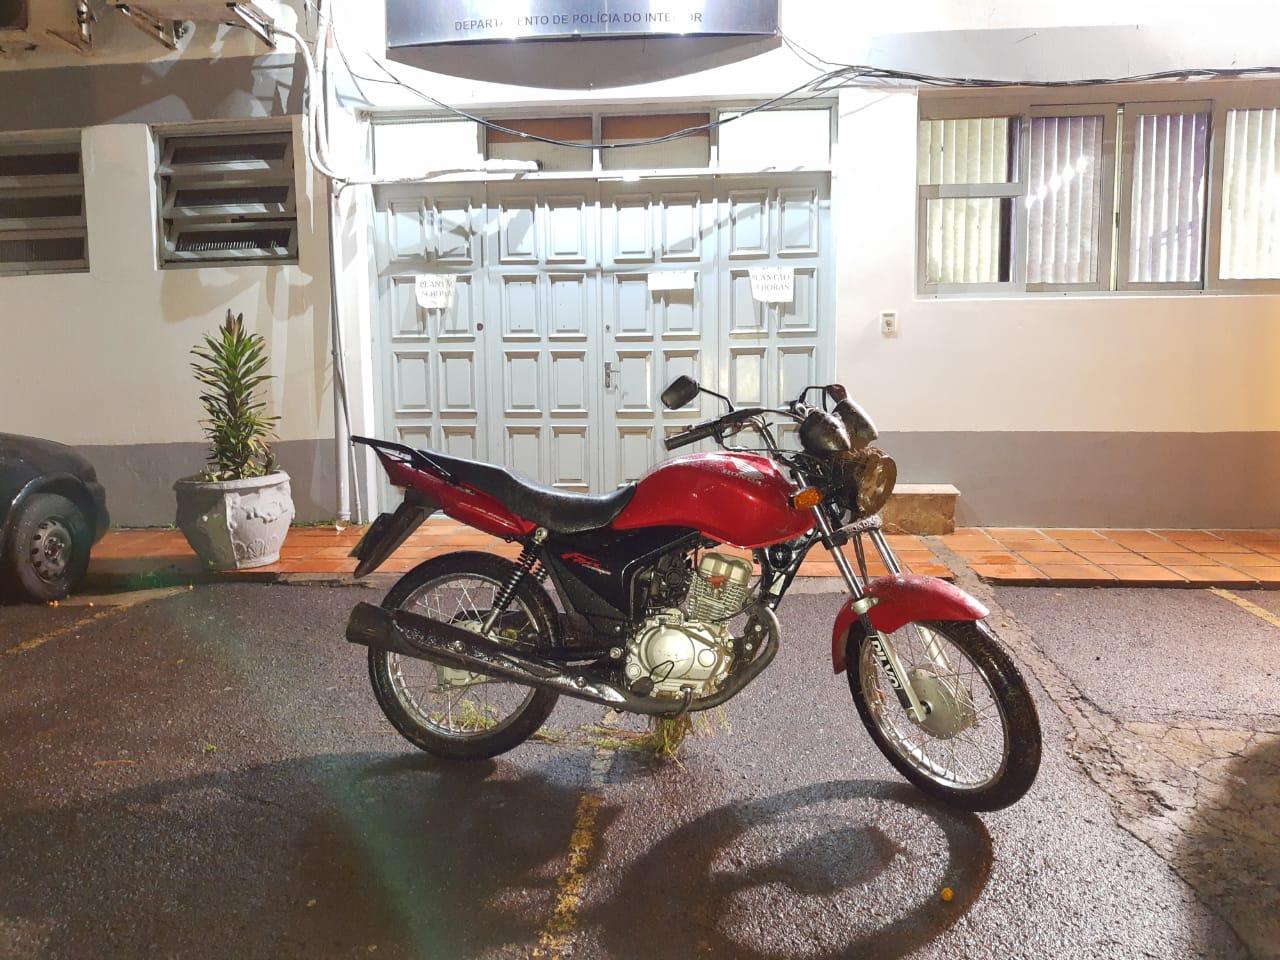 Brigada Militar recupera moto roubada em Garibaldi e prende homem com arma